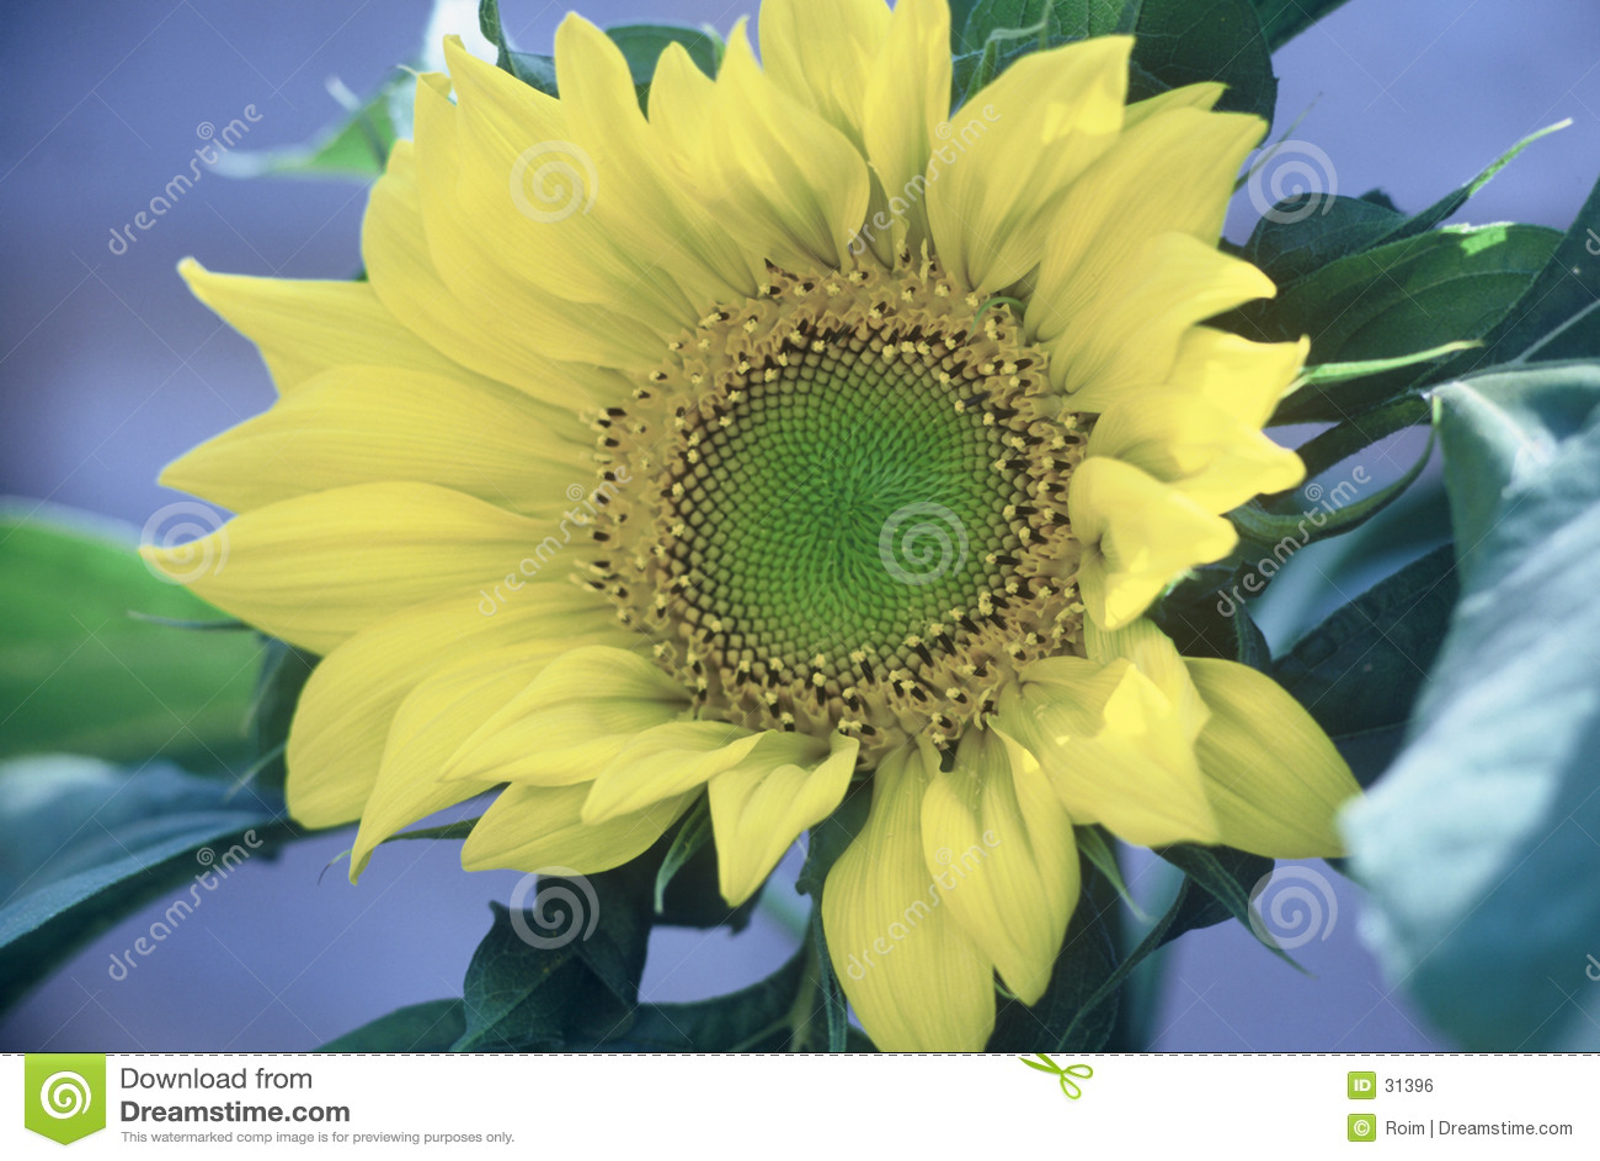 Download Girasol foto de archivo. Imagen de flor, amarillo, verde - 31396